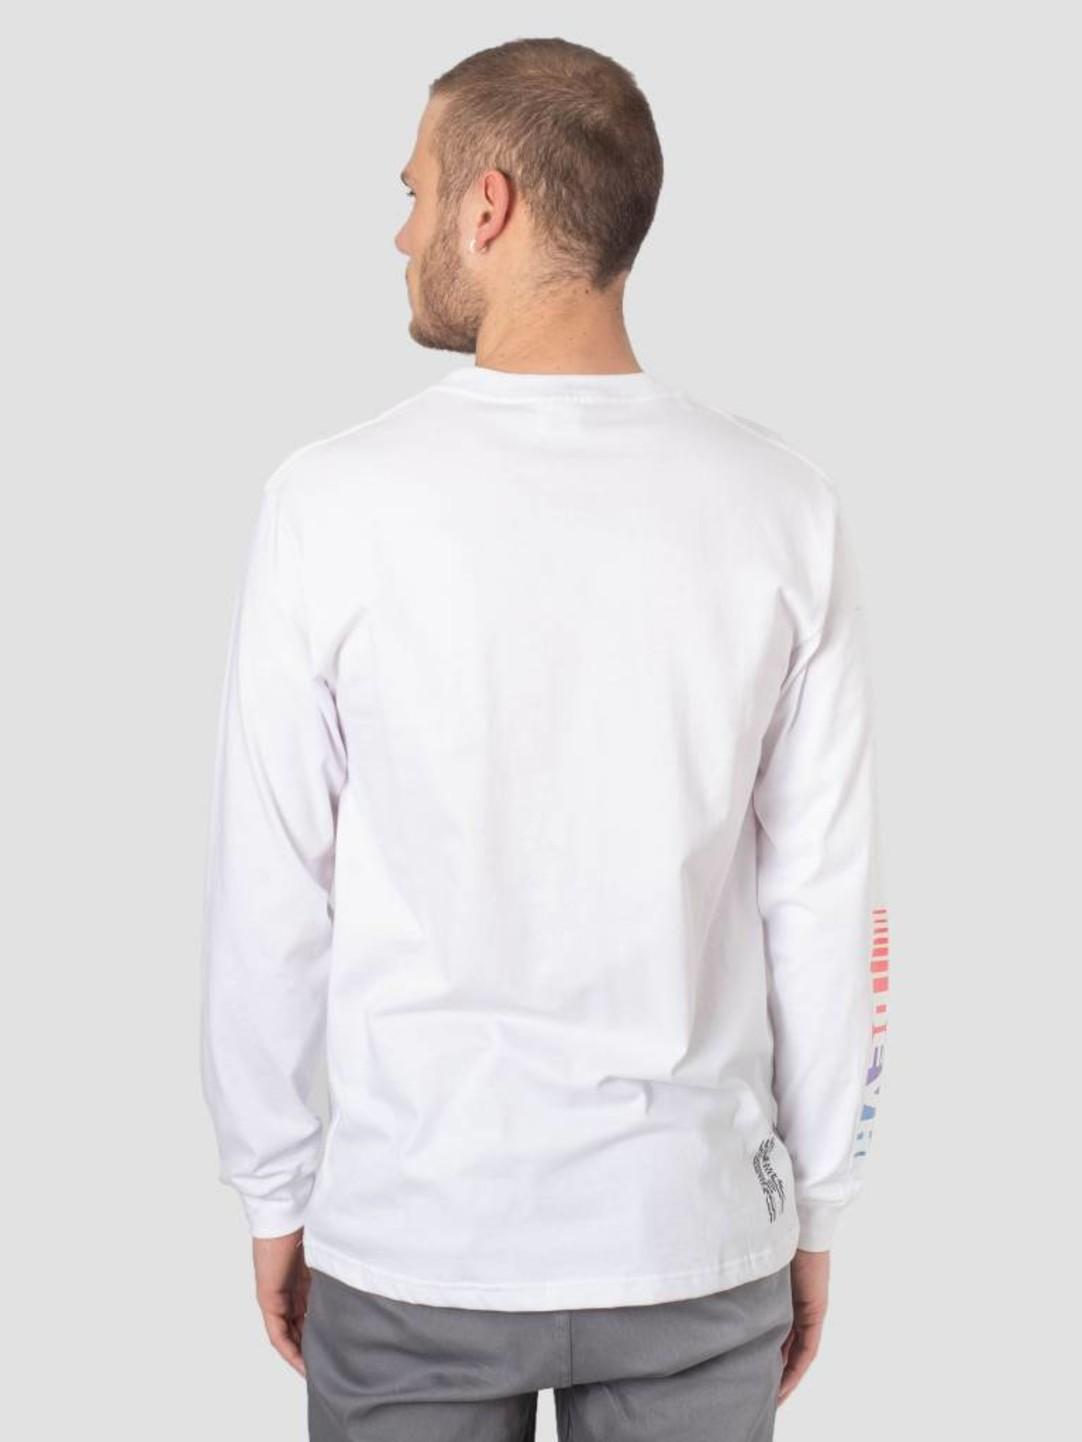 DEVA DEVA Longsleeve Pacers White